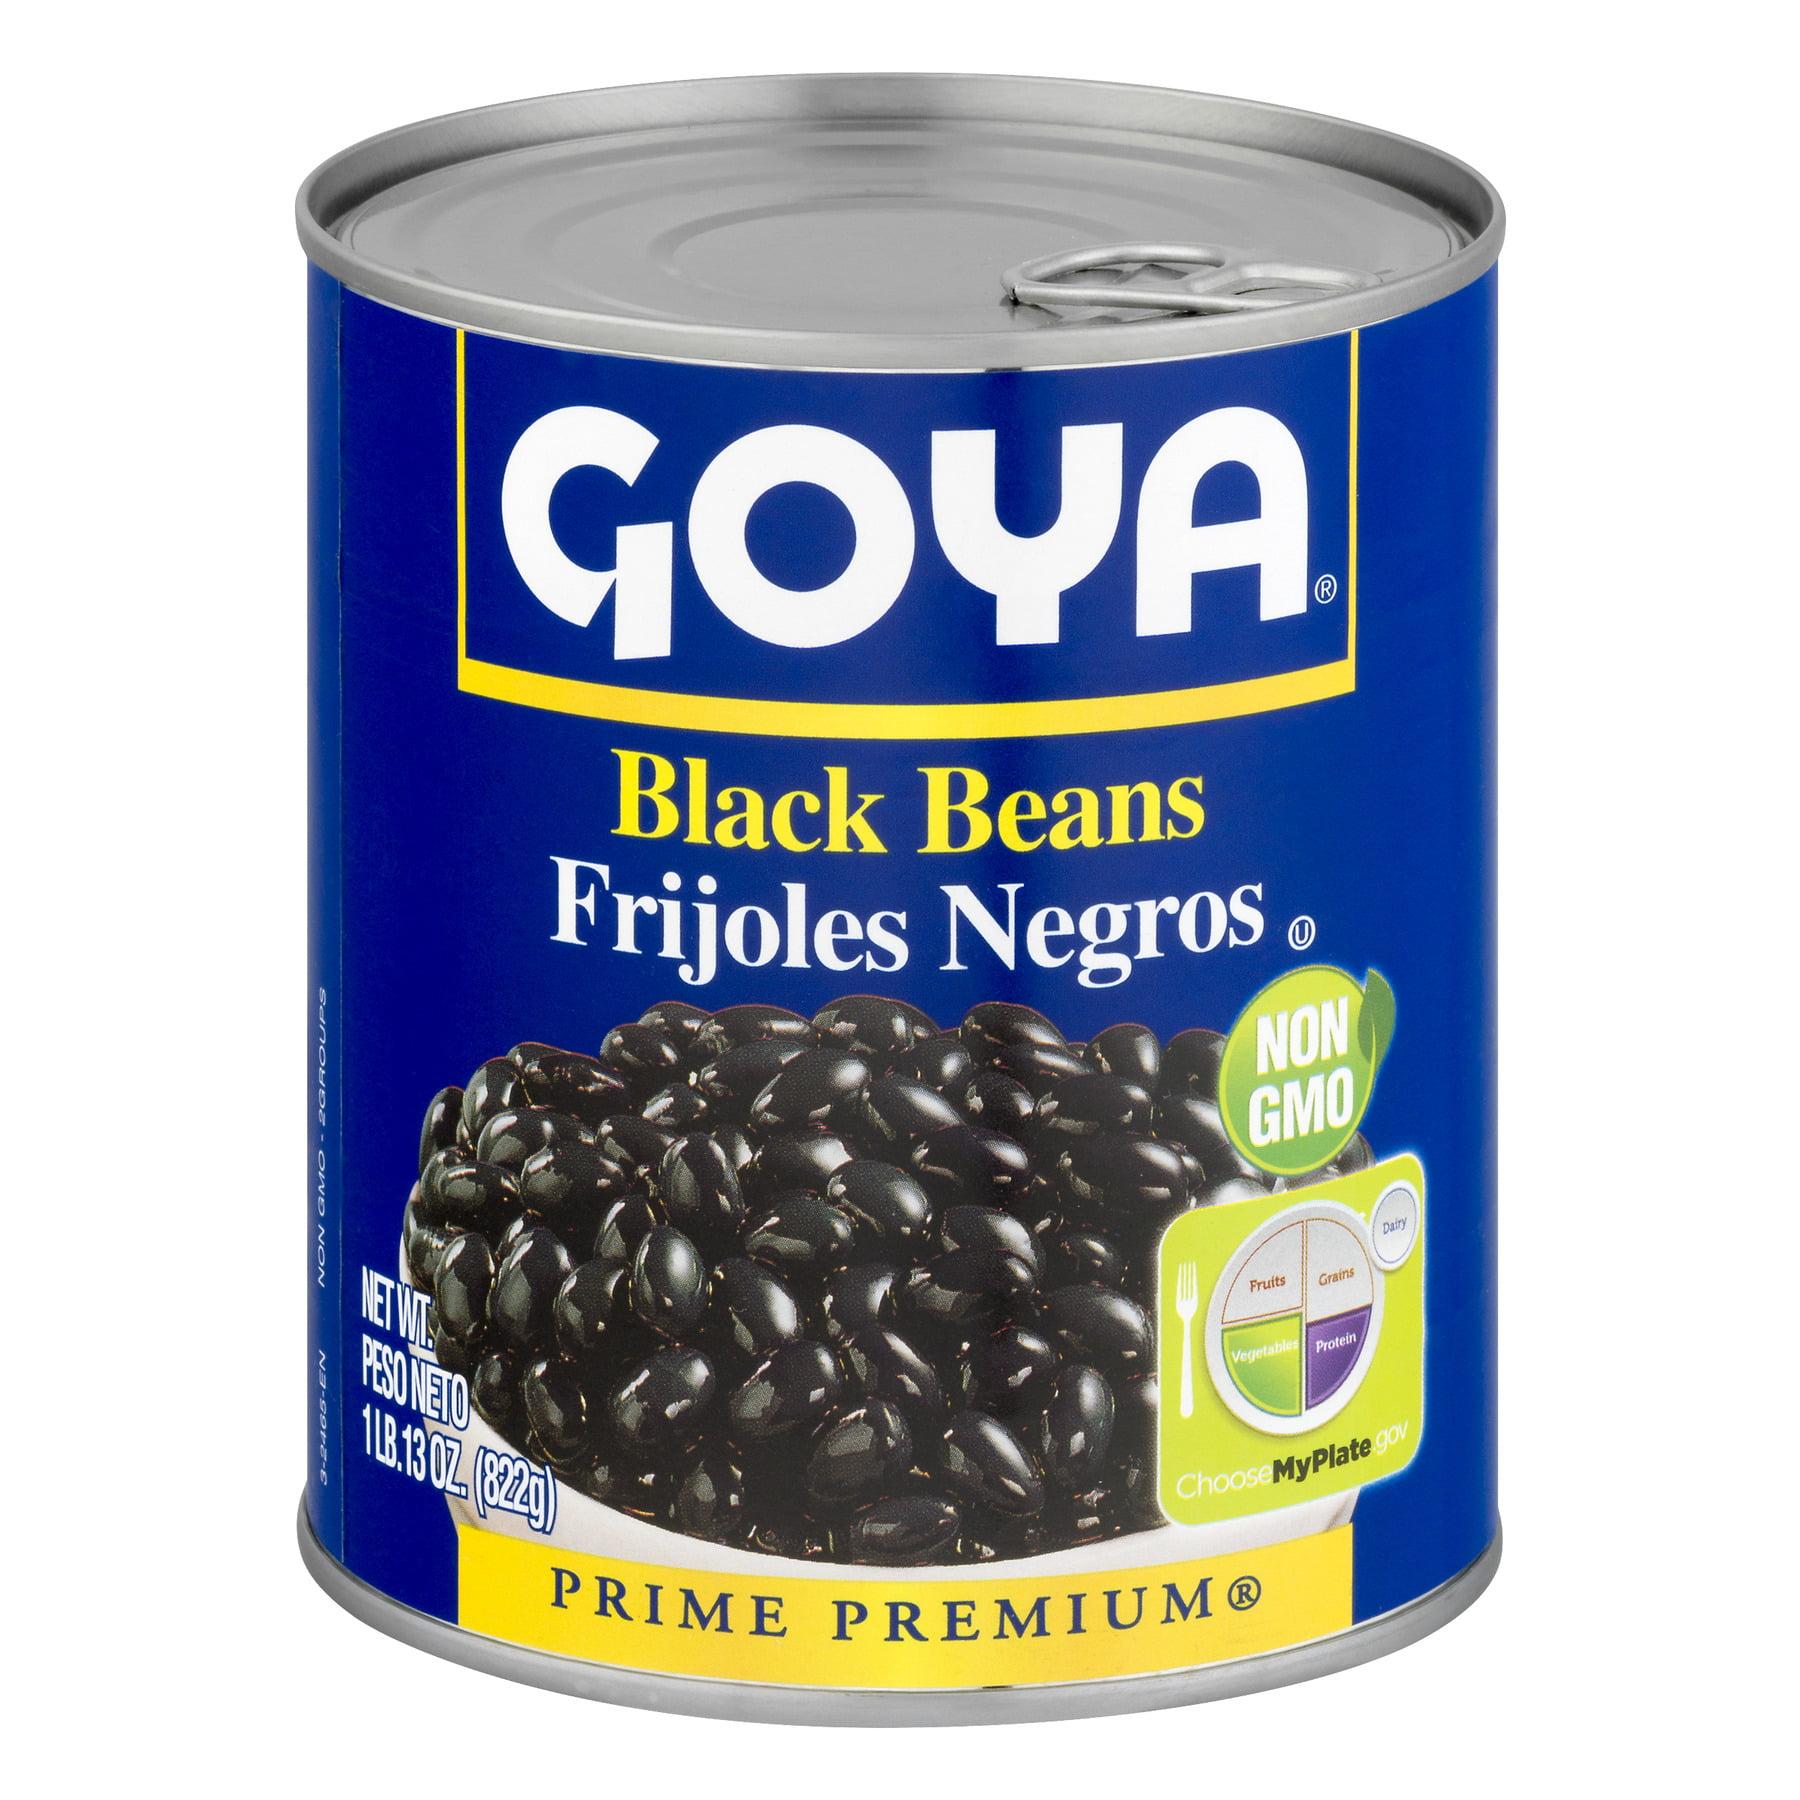 (6 Pack) Goya Black Beans, 29.0 Oz